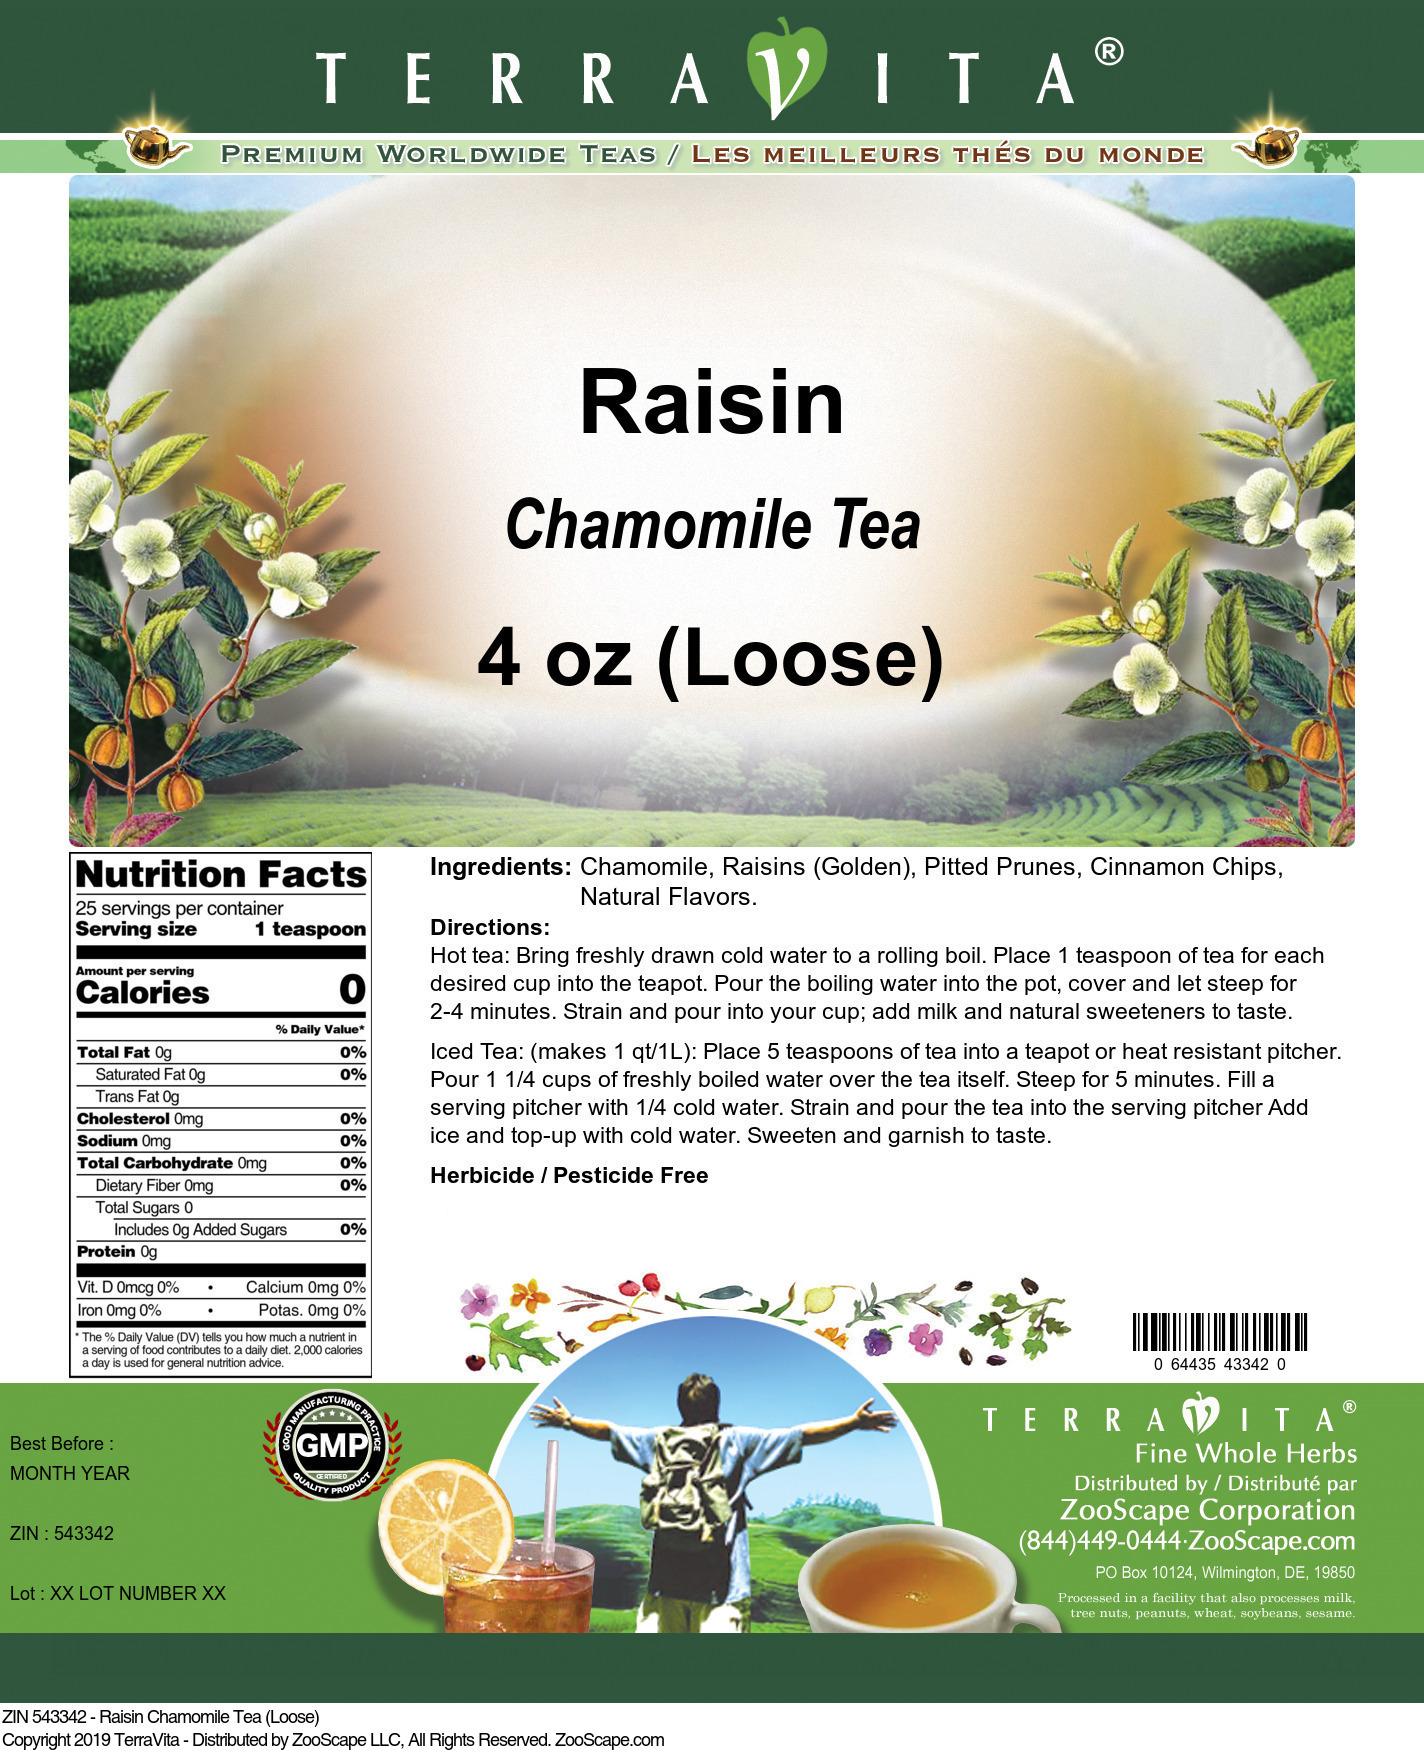 Raisin Chamomile Tea